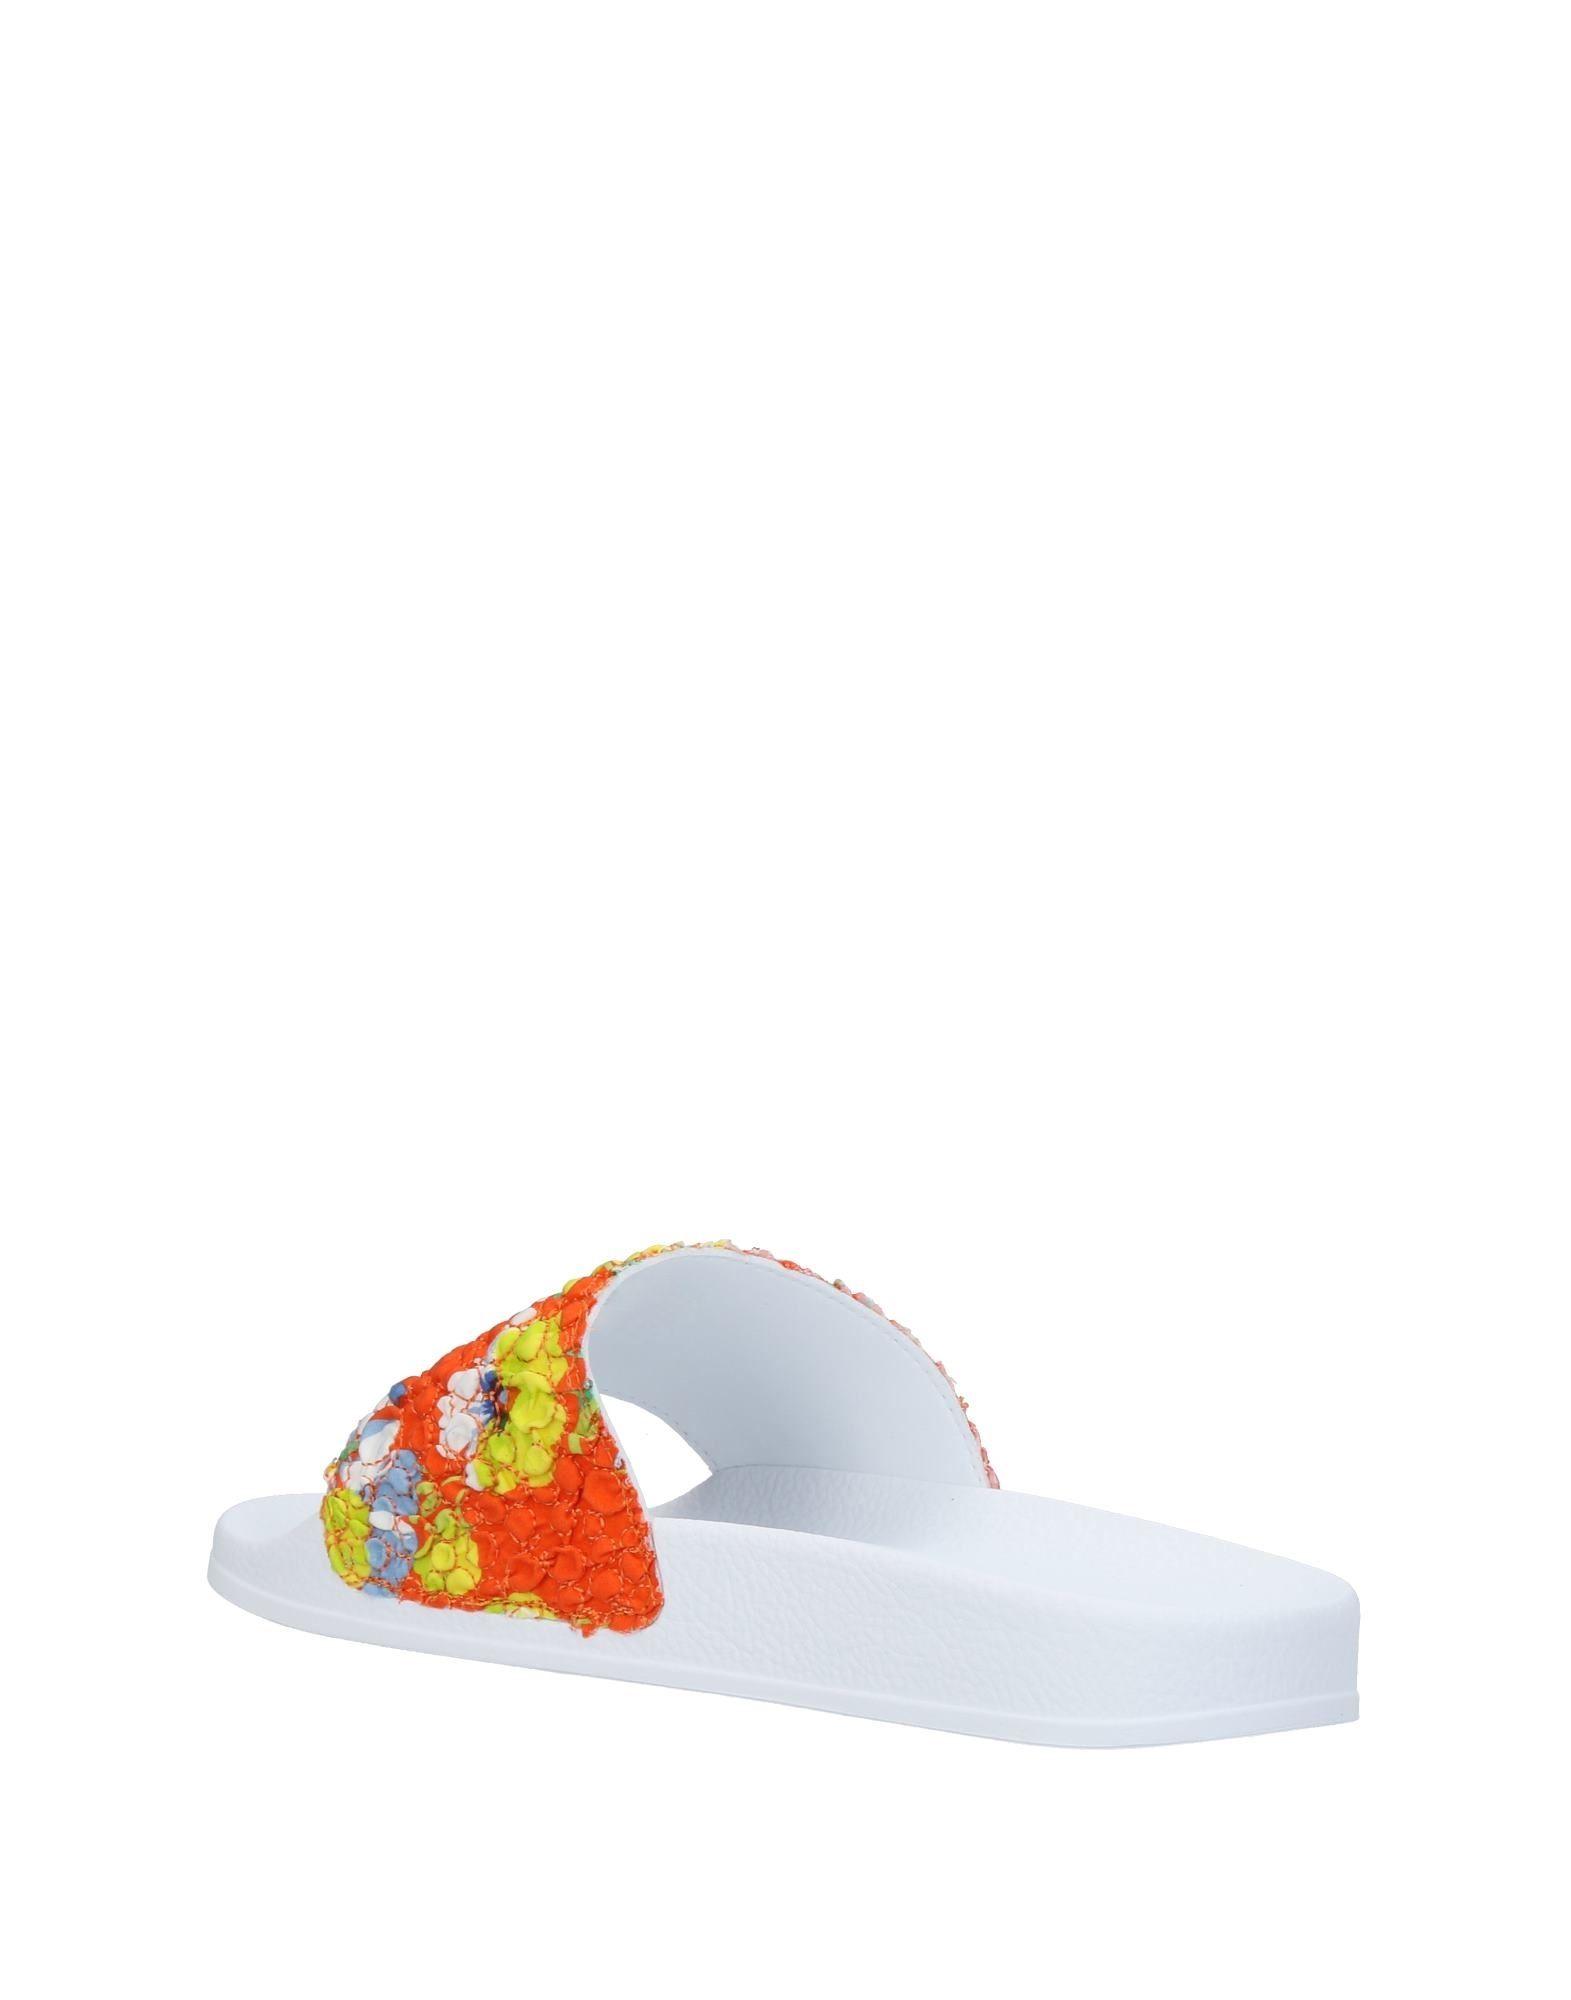 Msgm Sandalen Heiße Damen  11435401SA Heiße Sandalen Schuhe 5983c0